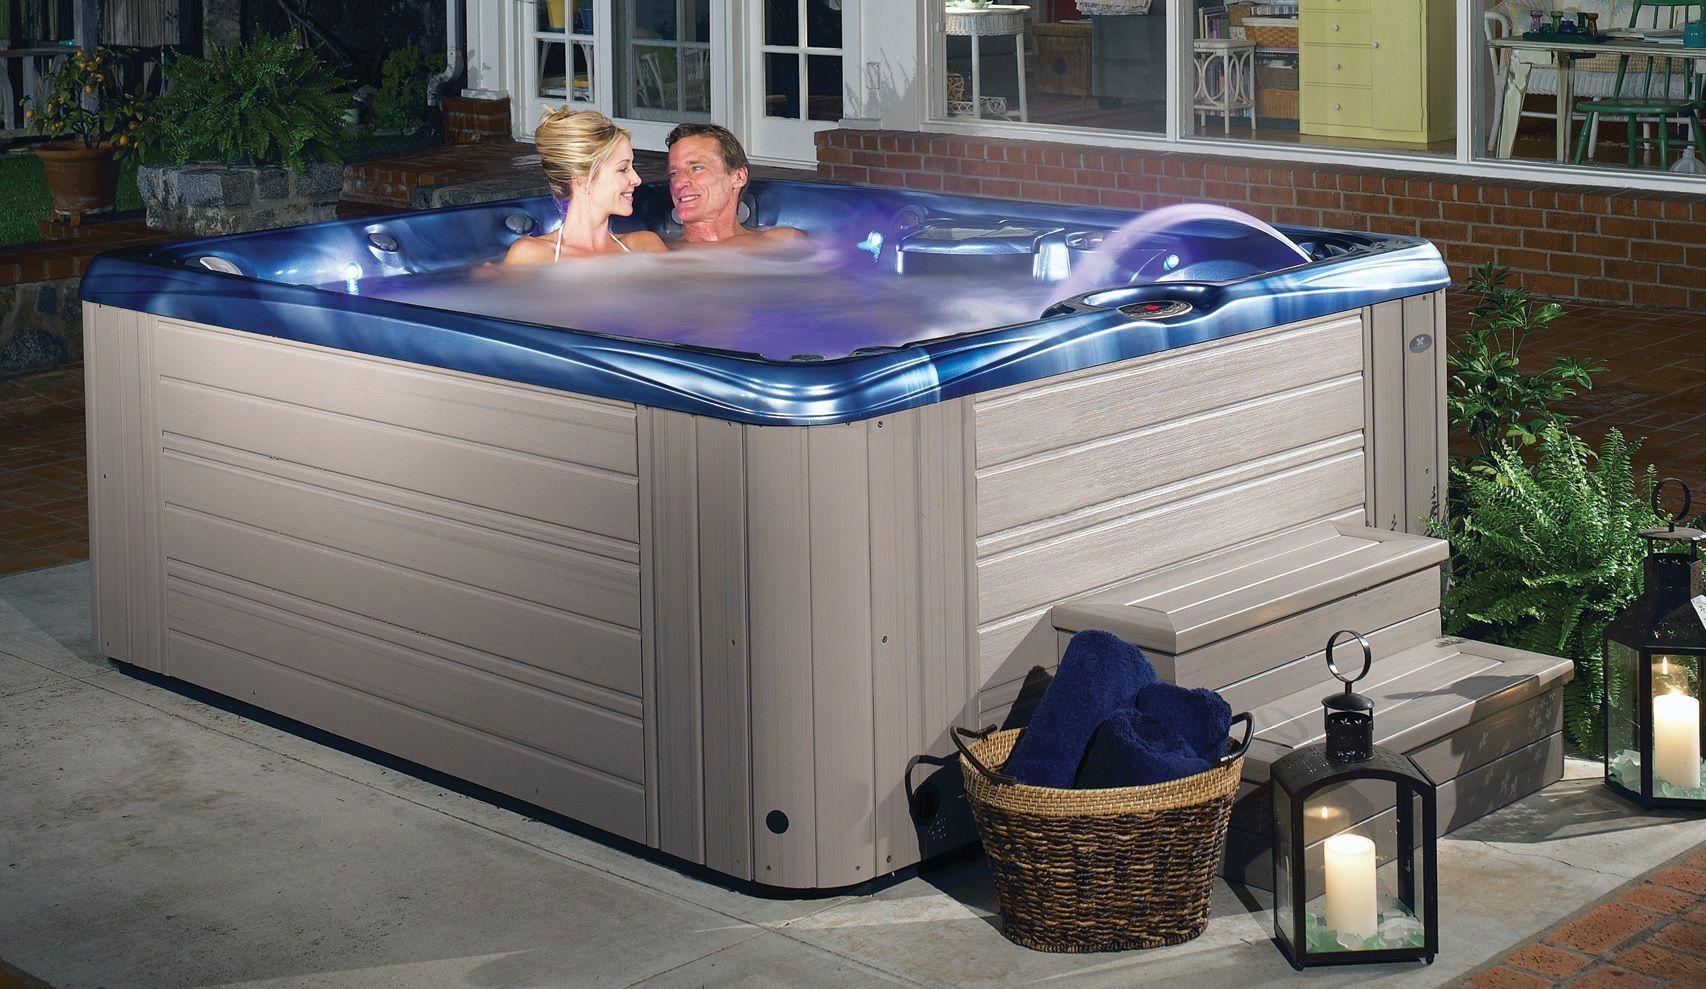 Caldera Spas Hot Tub Reviews From Verified Customers Caldera Spas Hot Tub Hot Tub Reviews Spa Hot Tubs